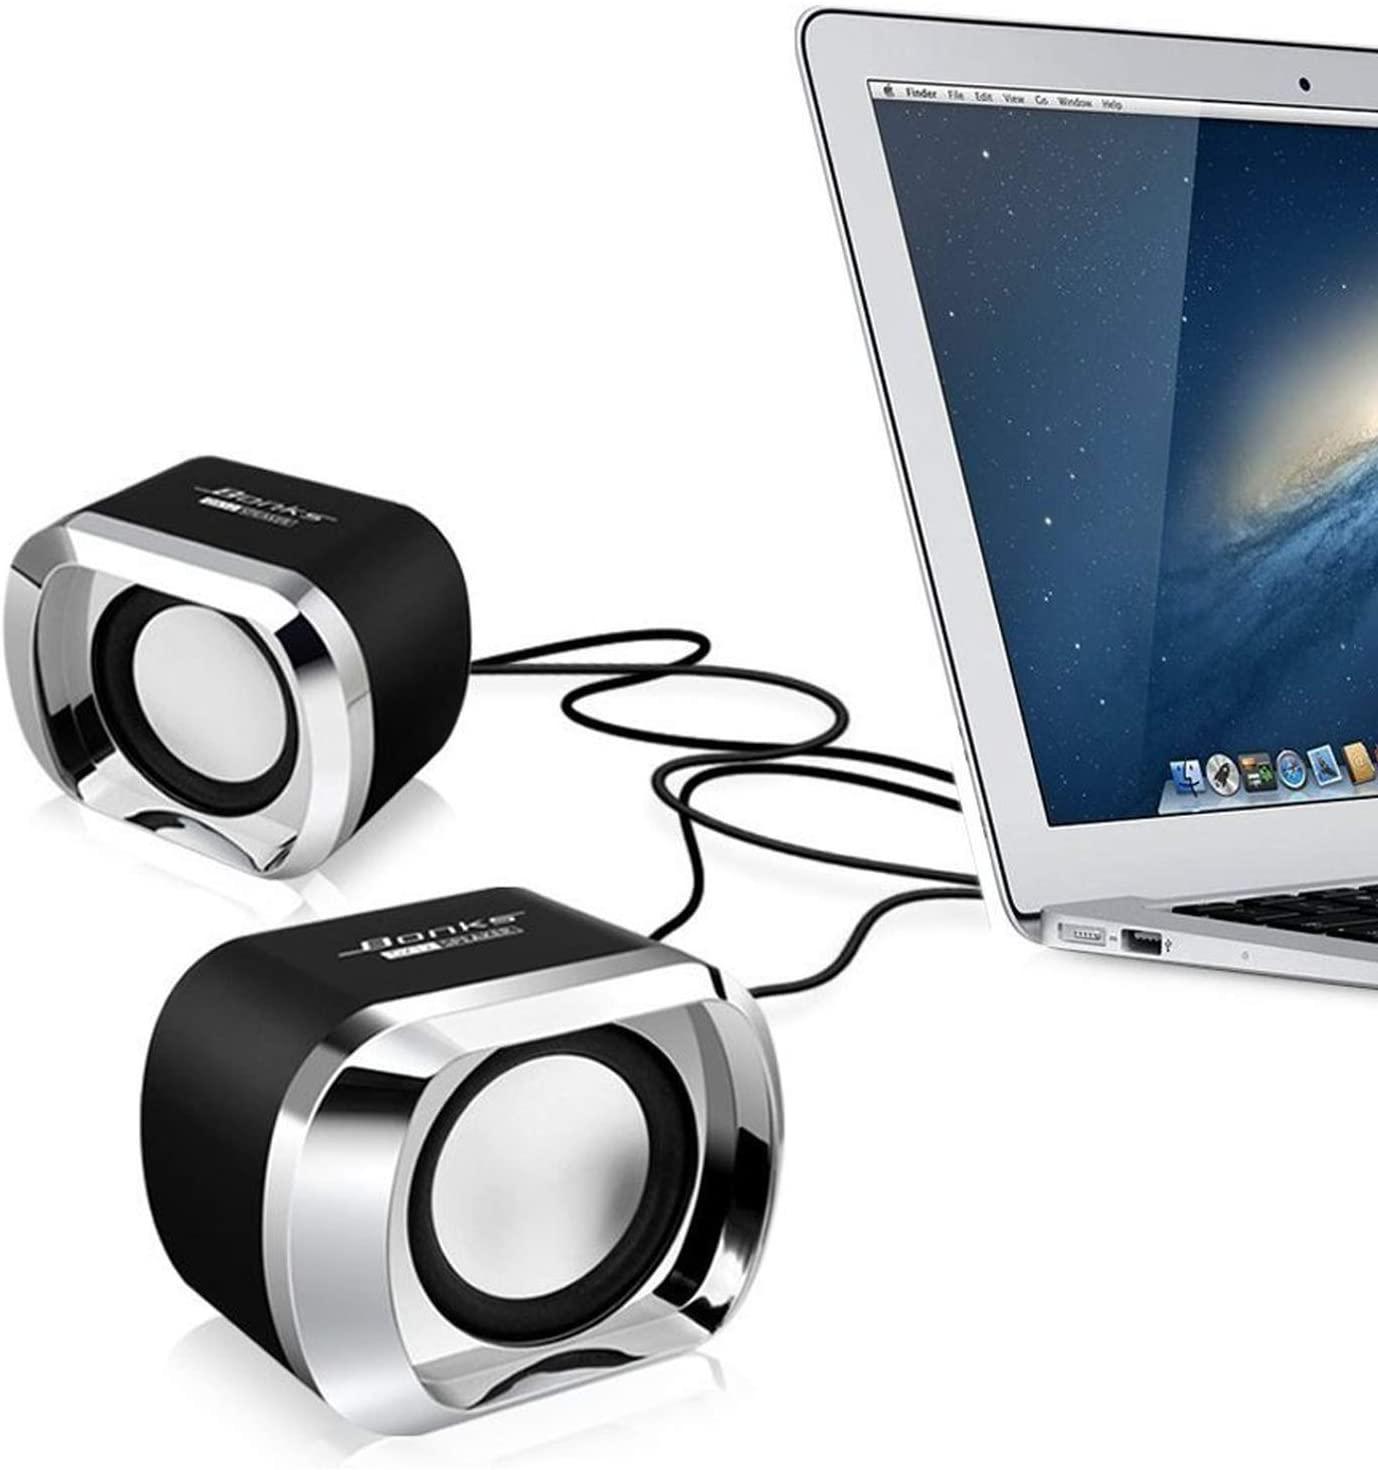 USB 2.0 노트북 스피커 데스크탑 노트북 노트북용 유선 스테레오 미니 컴퓨터 스피커